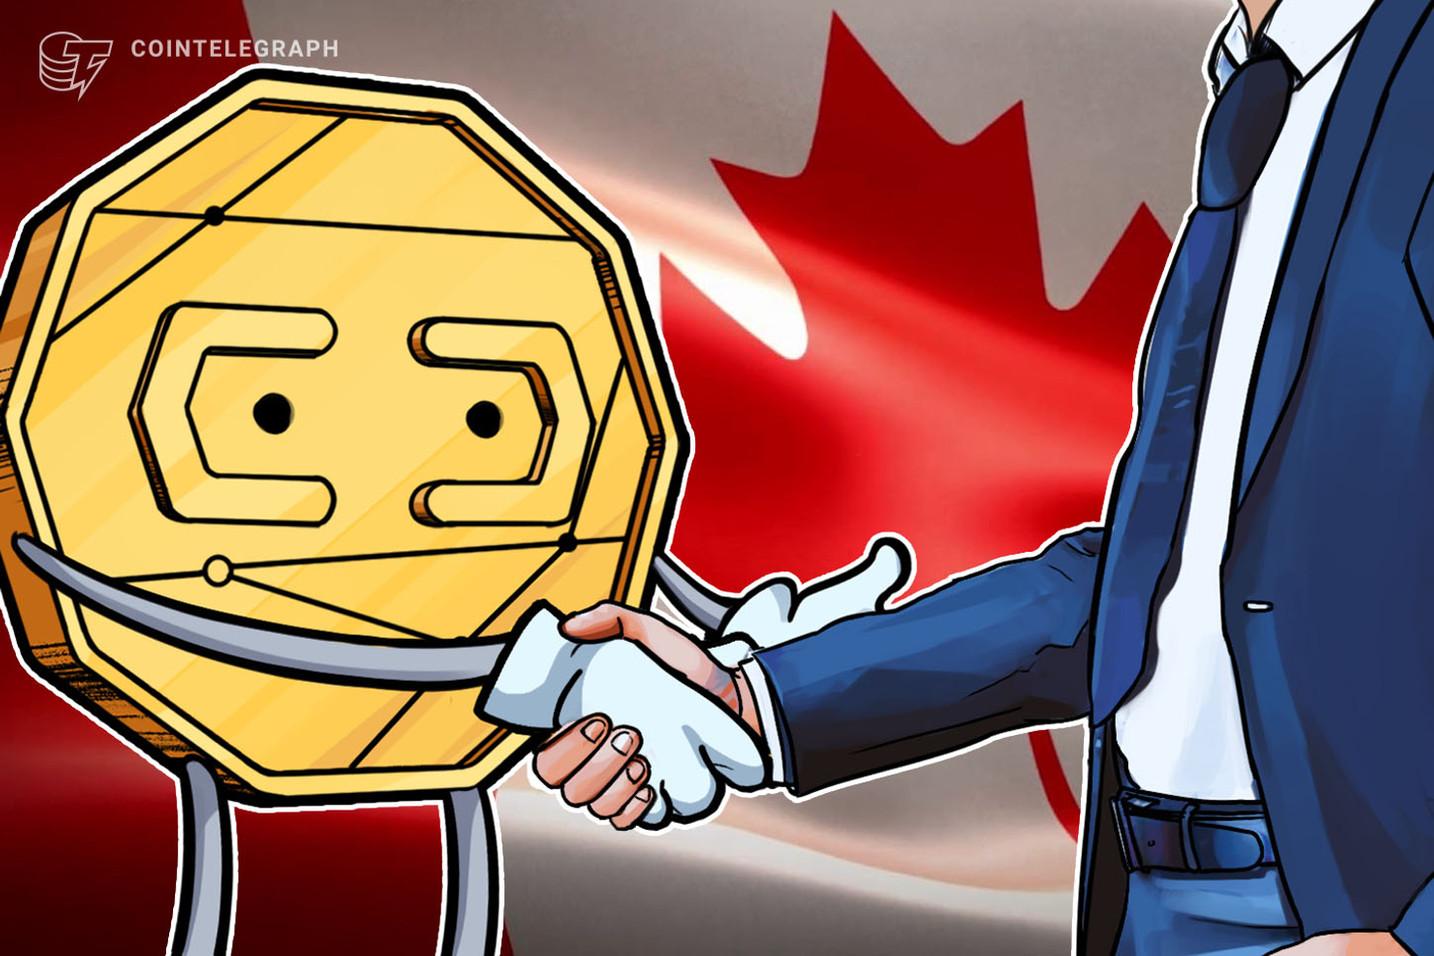 カナダの中銀、デジタル通貨の研究進める 「仮想通貨は直接的な脅威」と認識【ニュース】